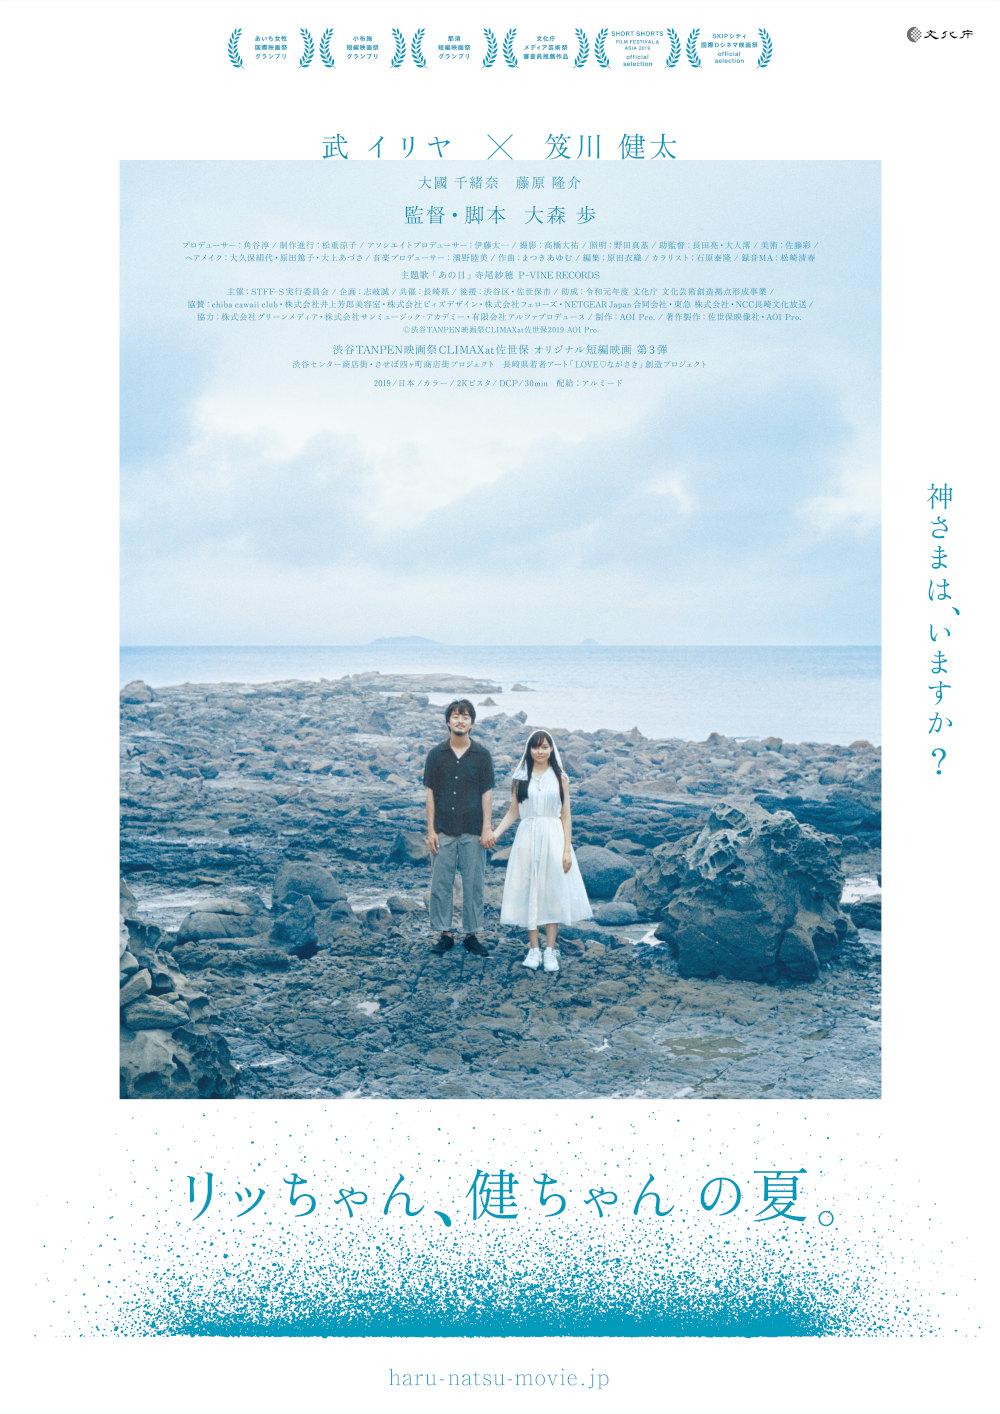 【画像】映画『リッちゃん、健ちゃんの夏。』ポスタービジュアル